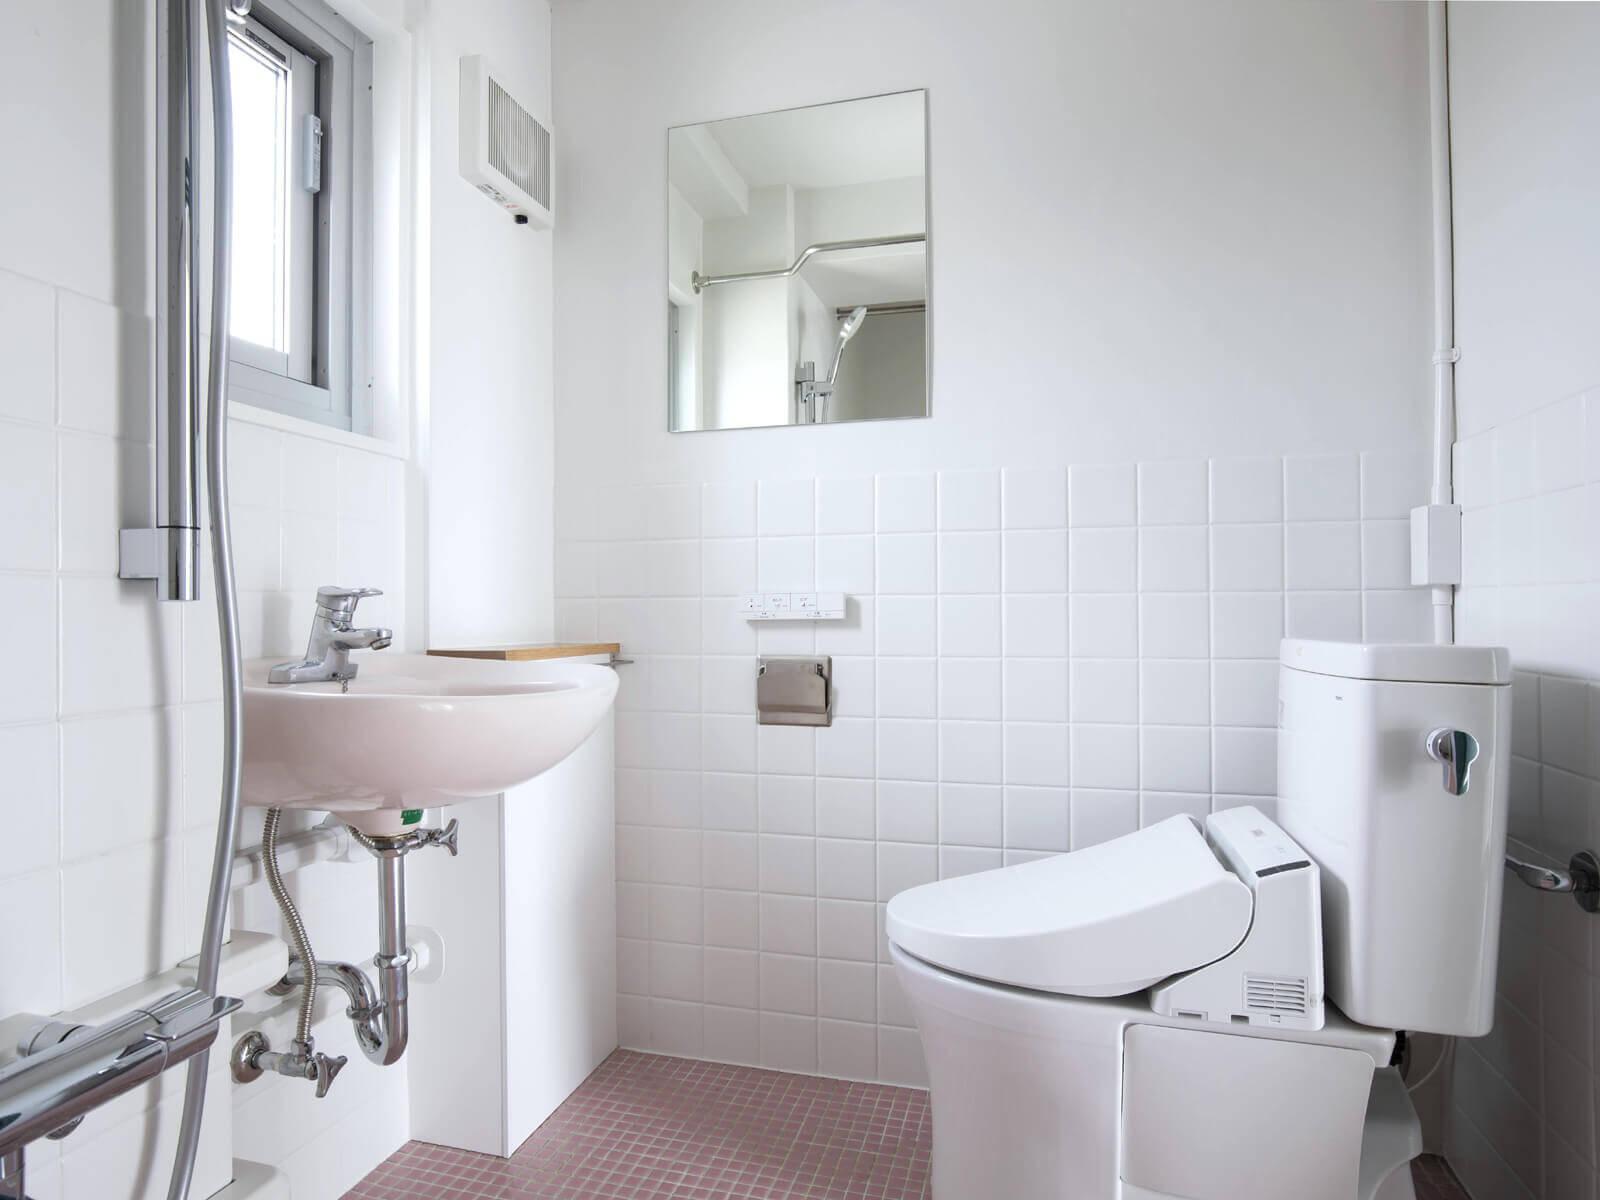 バストイレ同室ですが、床には段差があり、入浴時はシャワーカーテンで仕切れます